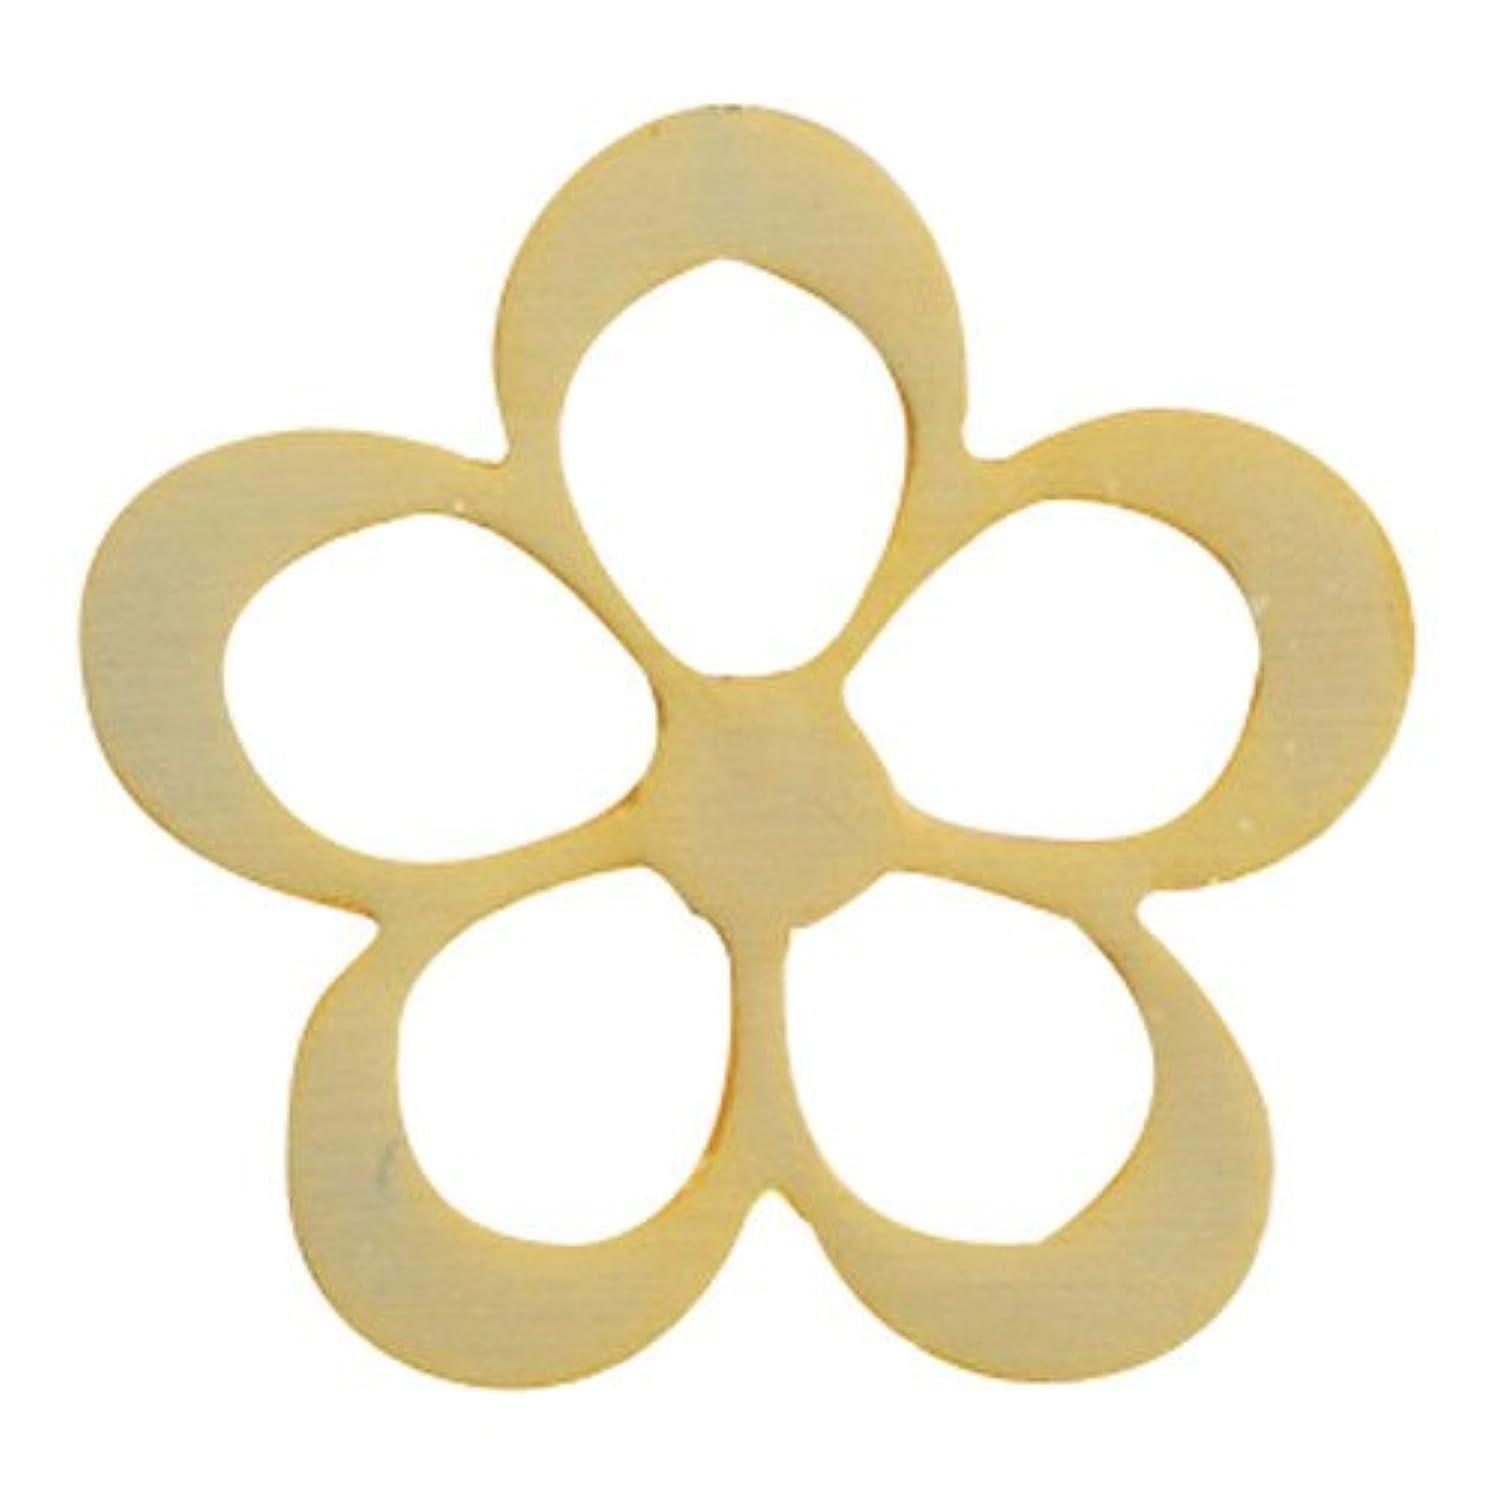 論理的に昨日ローストリトルプリティー ネイルアートパーツ シャイニーフラワー L ゴールド 10個